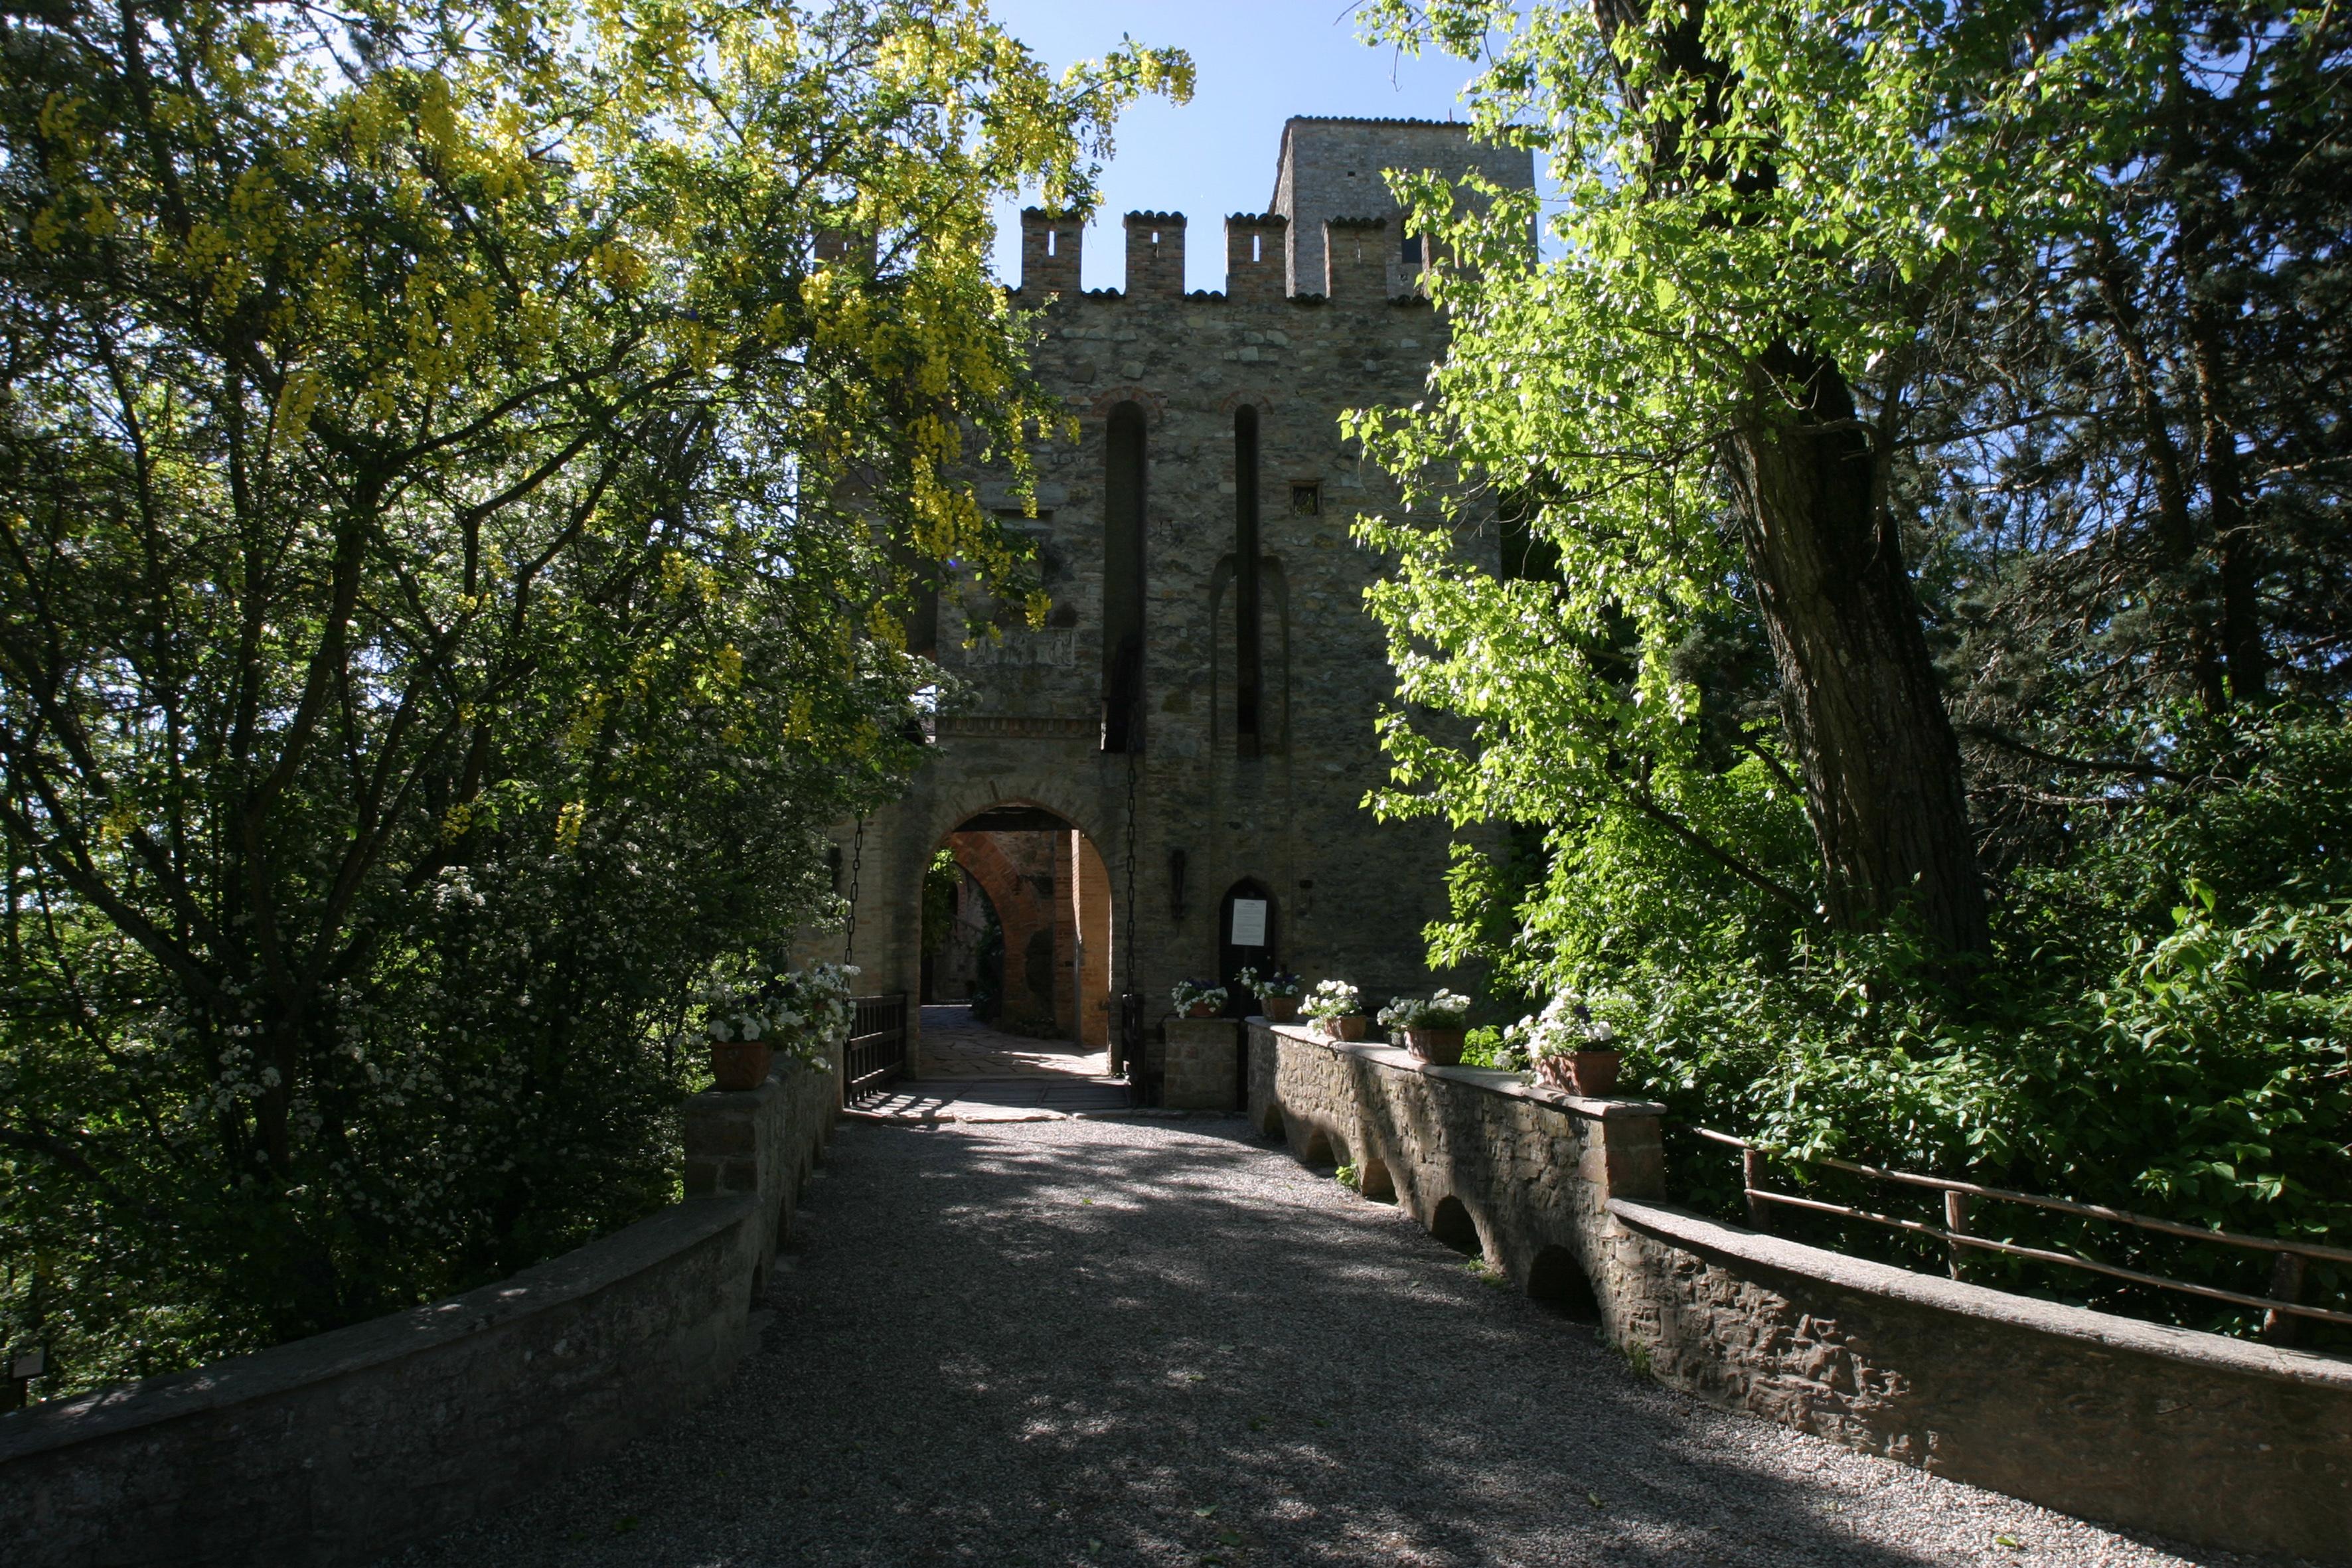 CASTELLO DI GROPPARELLO (PIACENZA)